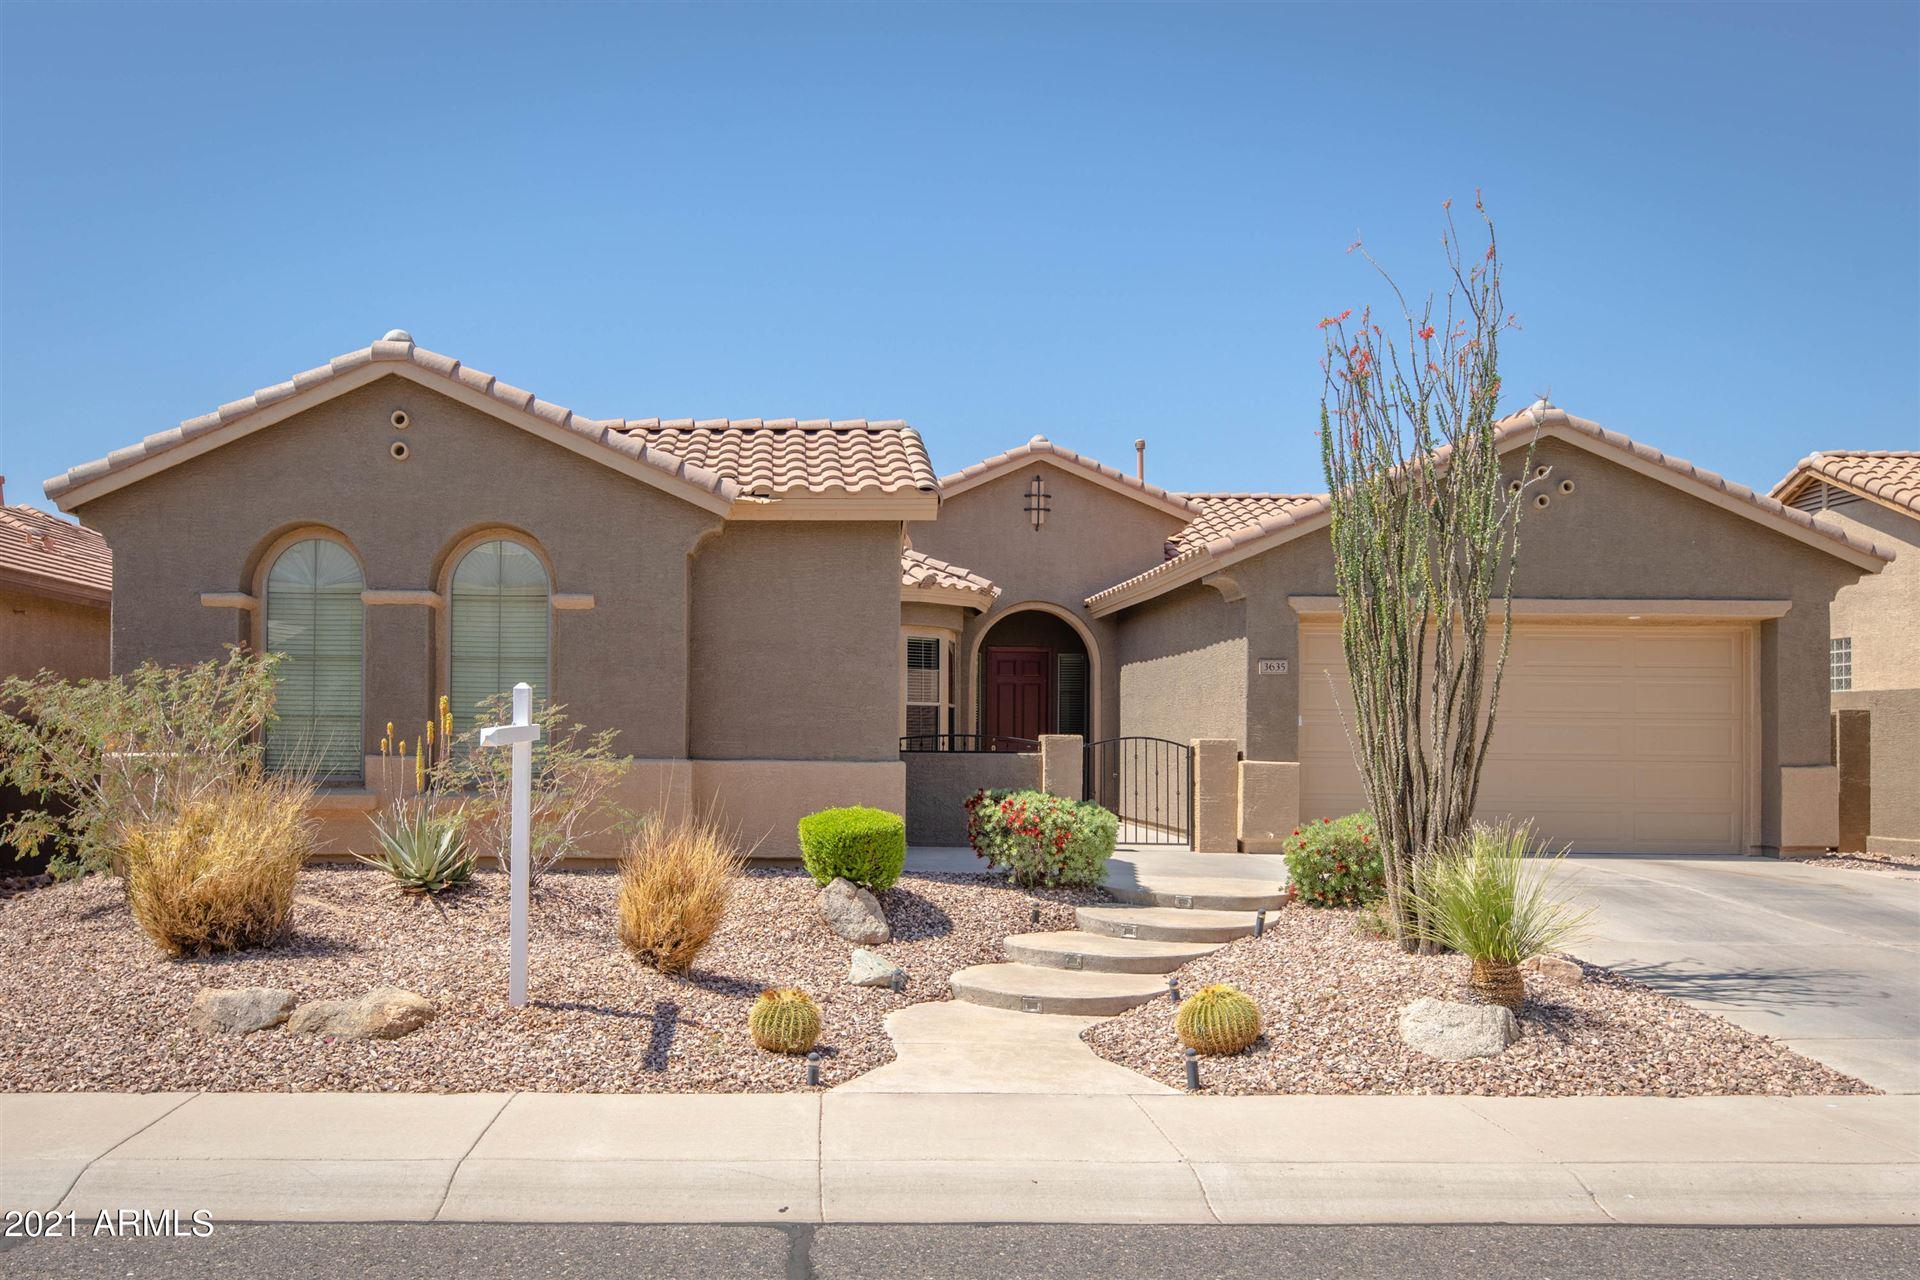 Photo of 3635 W LINKS Drive, Anthem, AZ 85086 (MLS # 6225746)